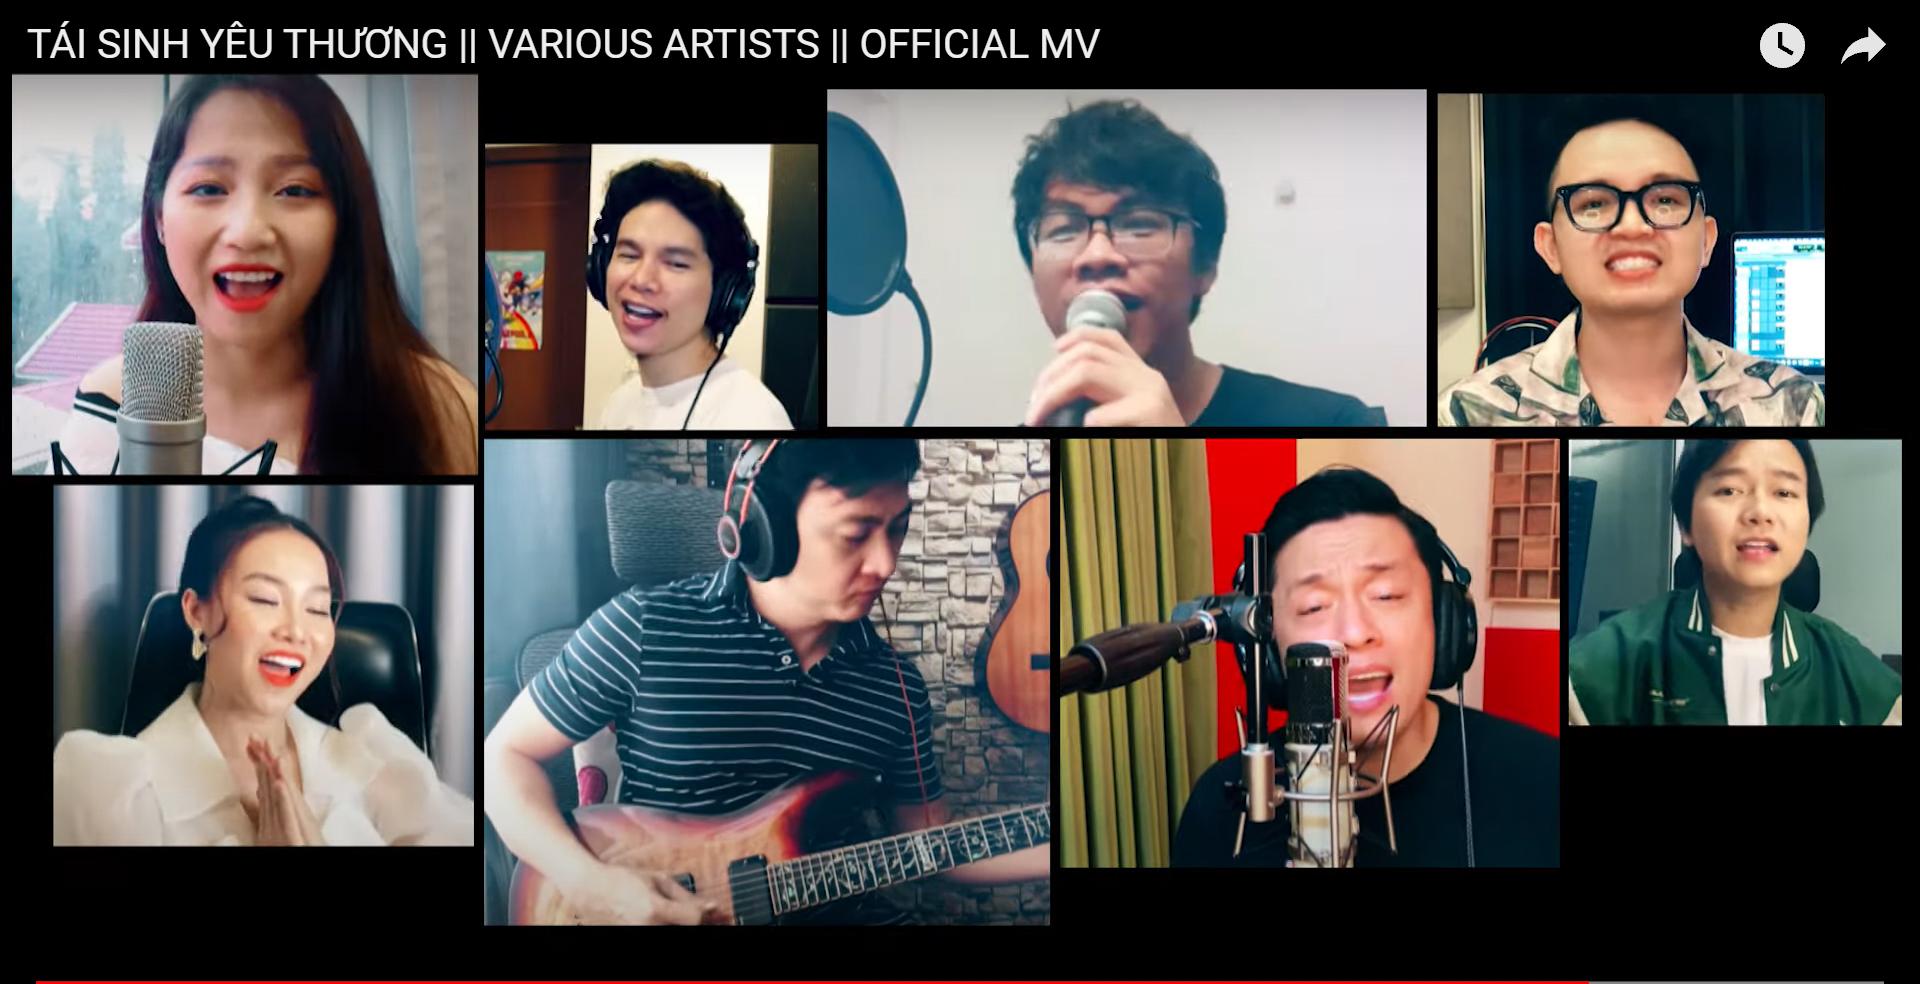 Ảnh chụp màn hình MV Tái sinh yêu thương